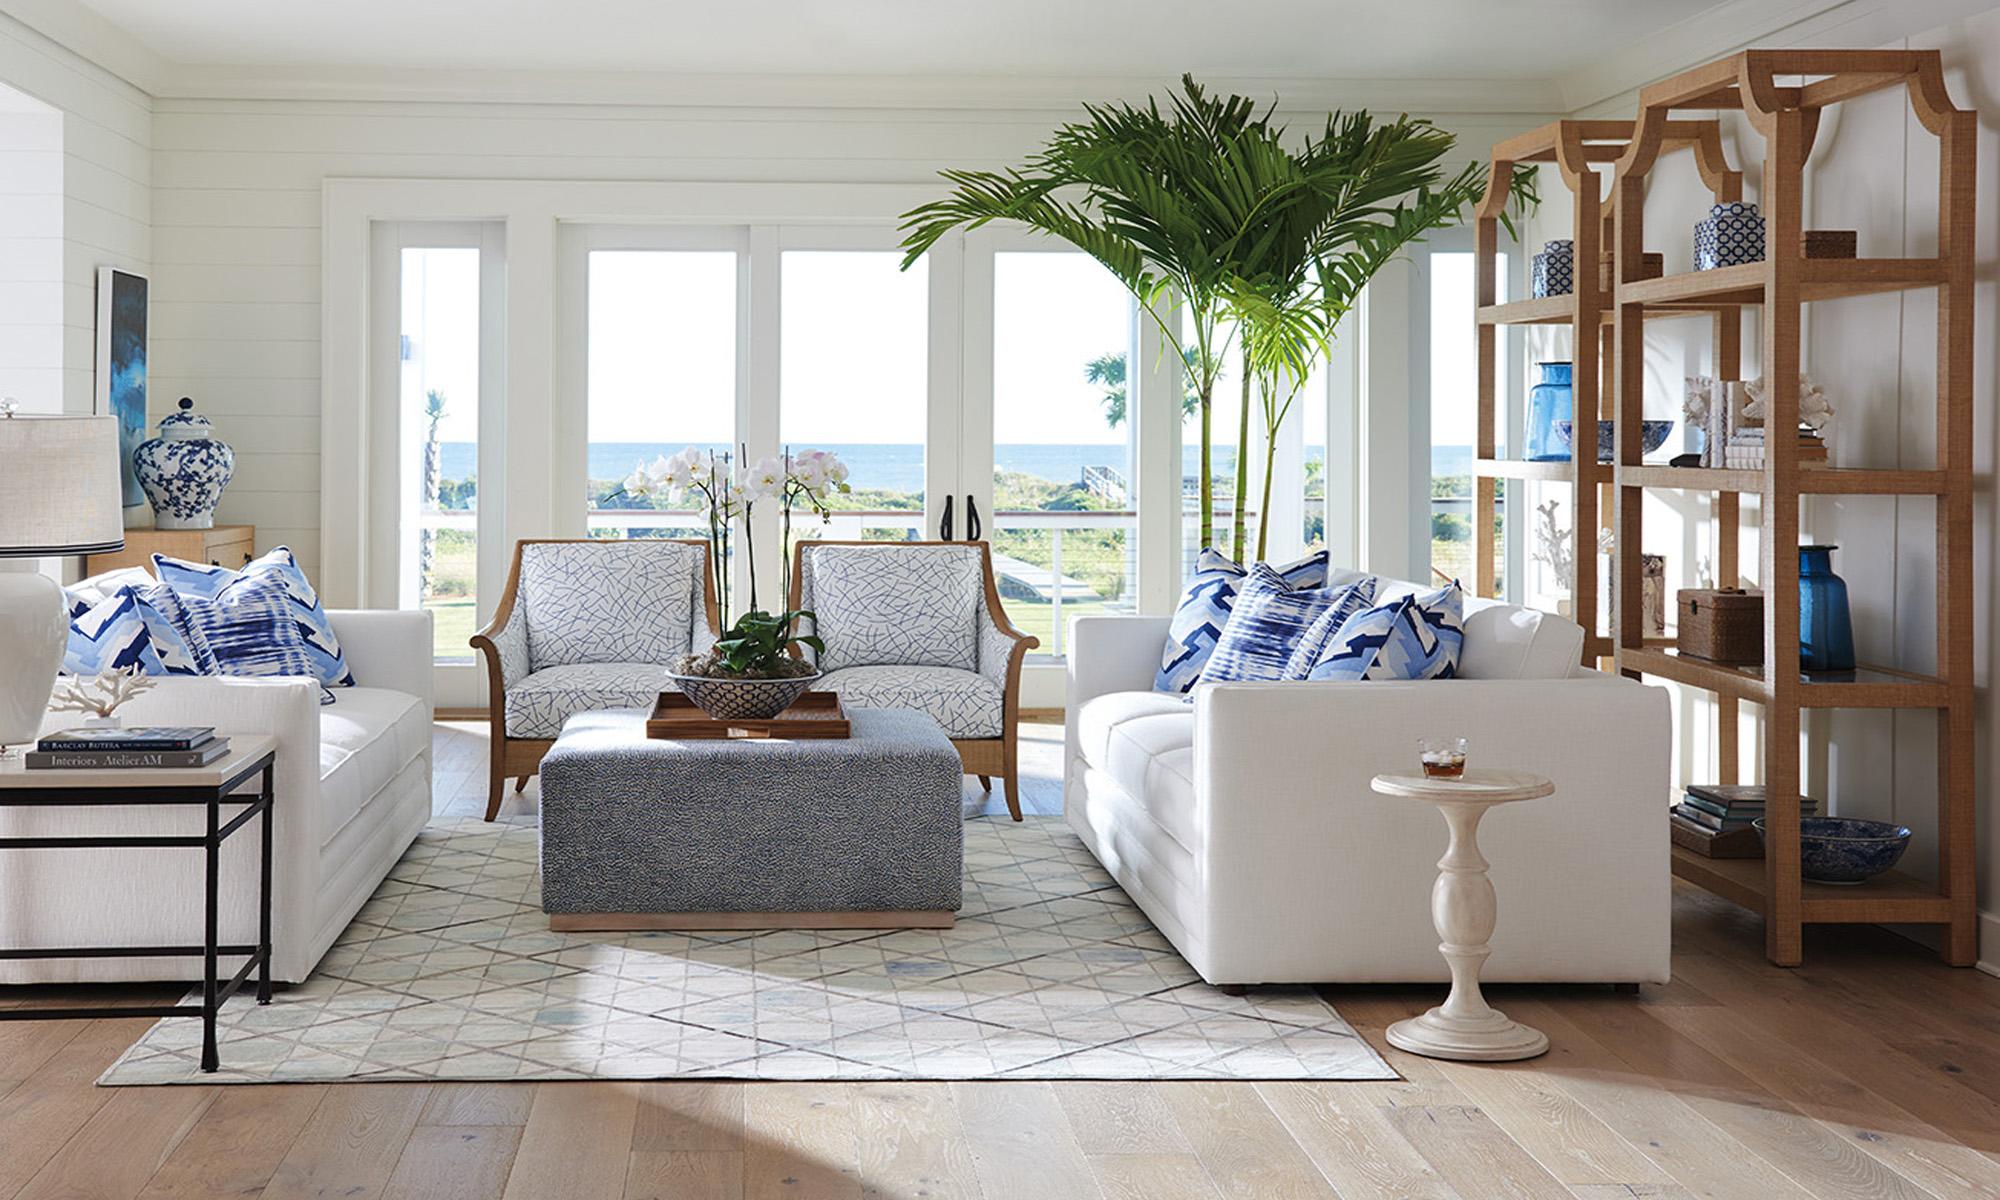 Furniture Store Amp Home Accessories Delaware Shore Creative